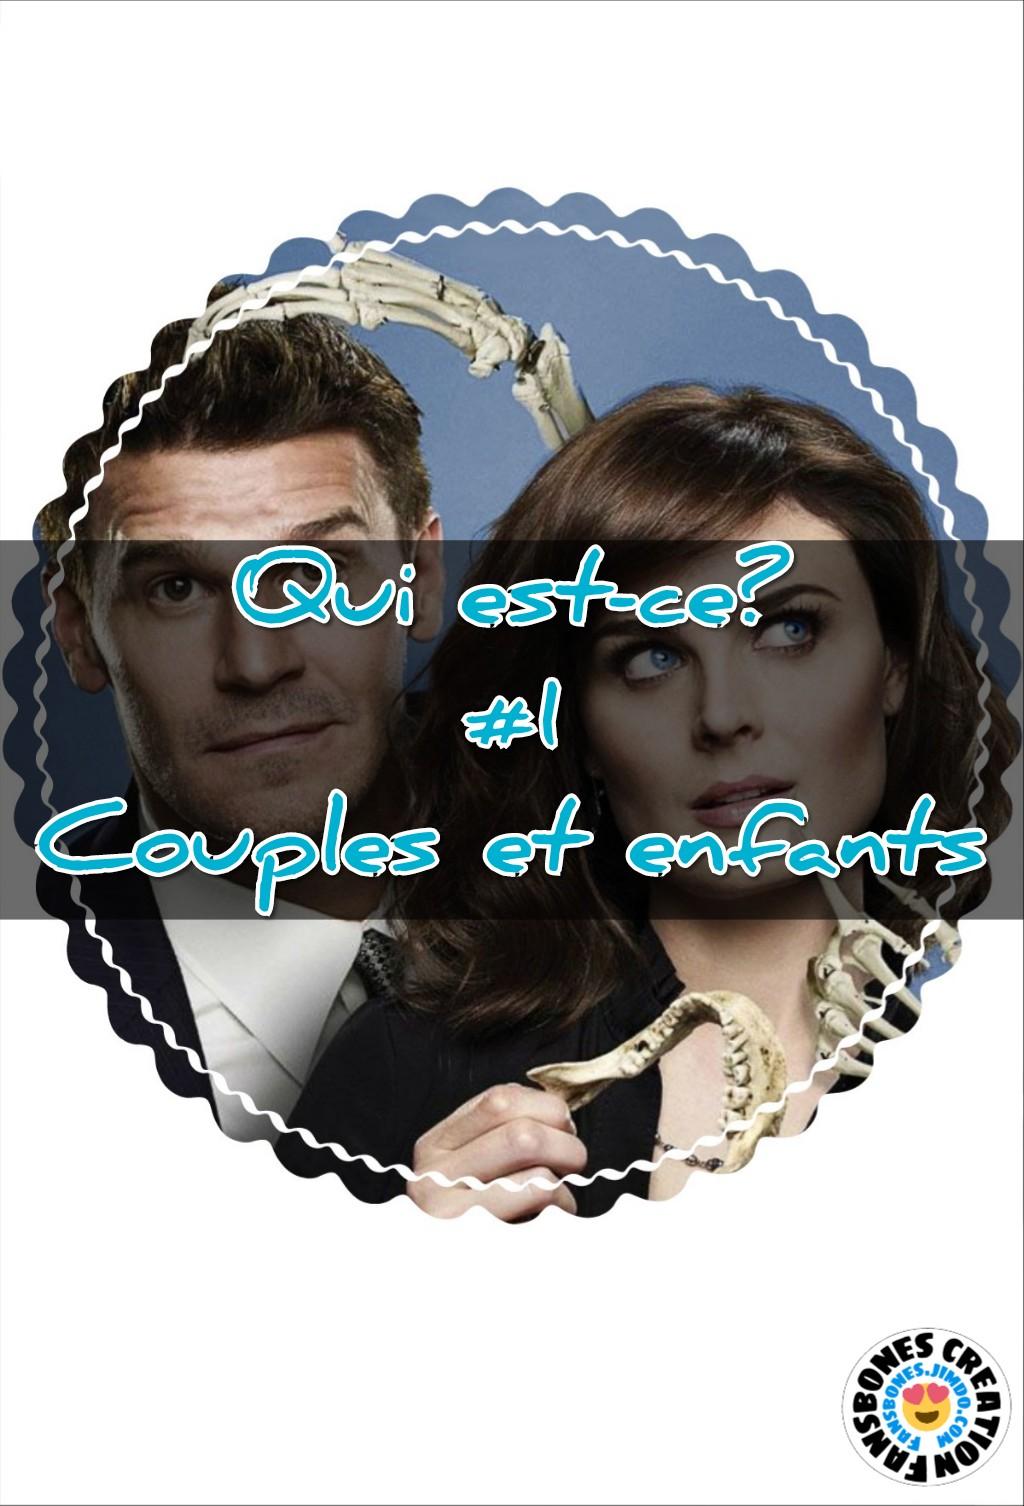 Bones 'Qui est-ce ?' #1 «Couples et enfants»